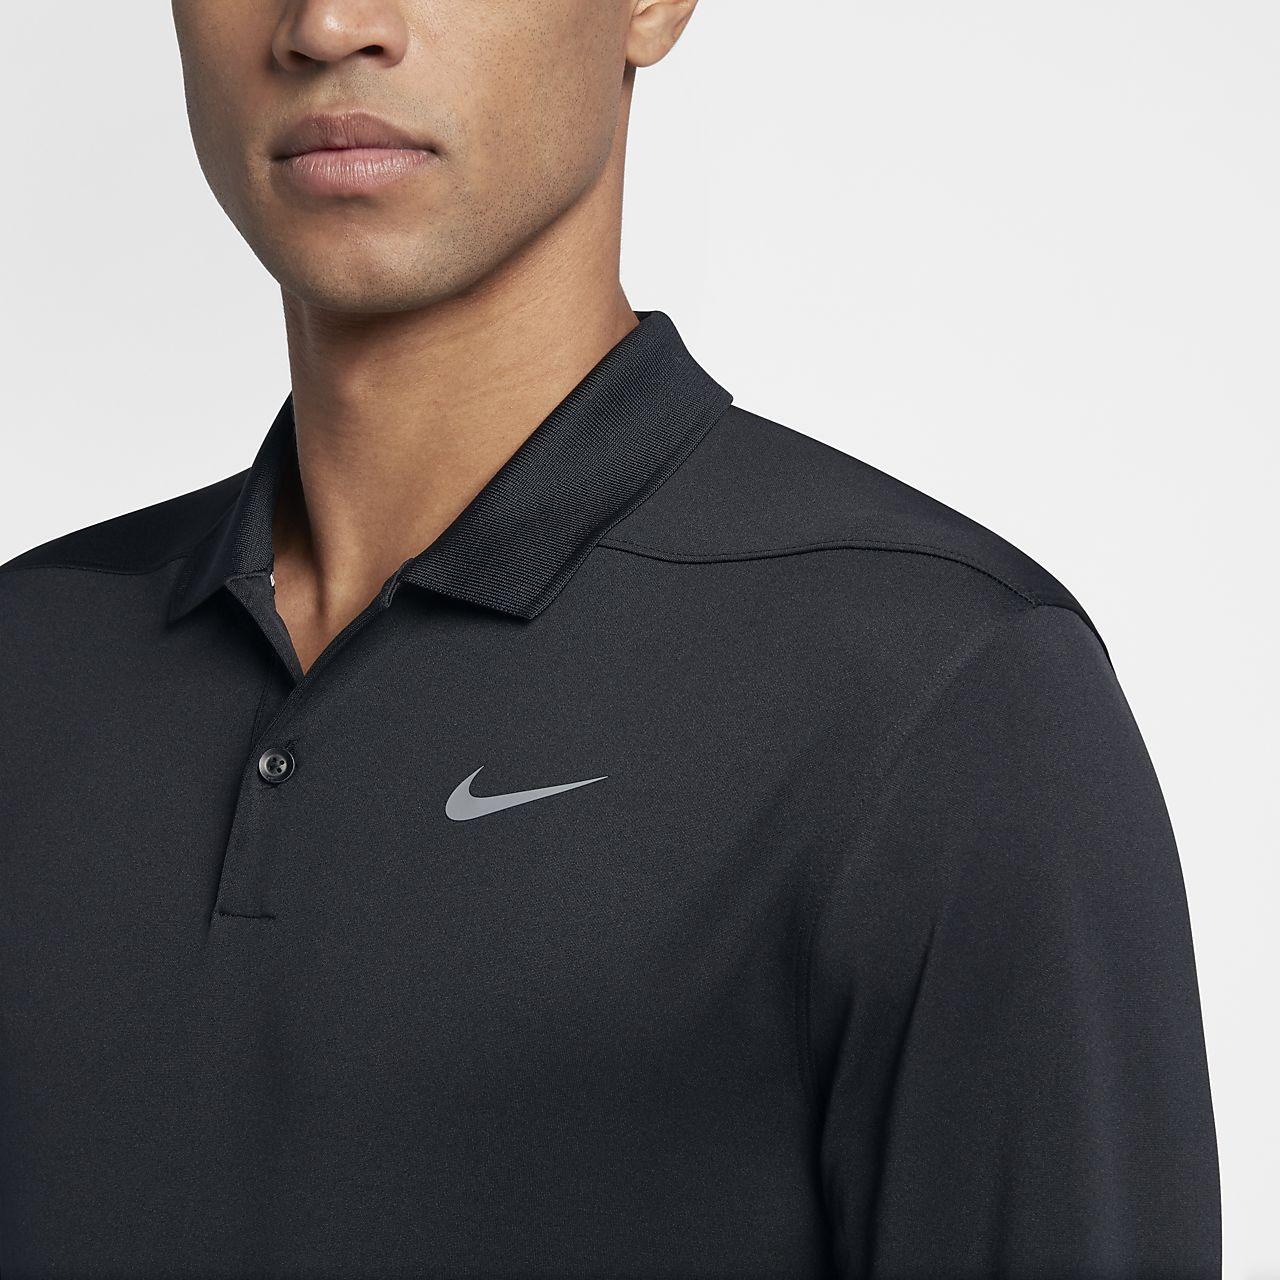 Nike Long Sleeve Dri Fit Golf Shirts Joe Maloy